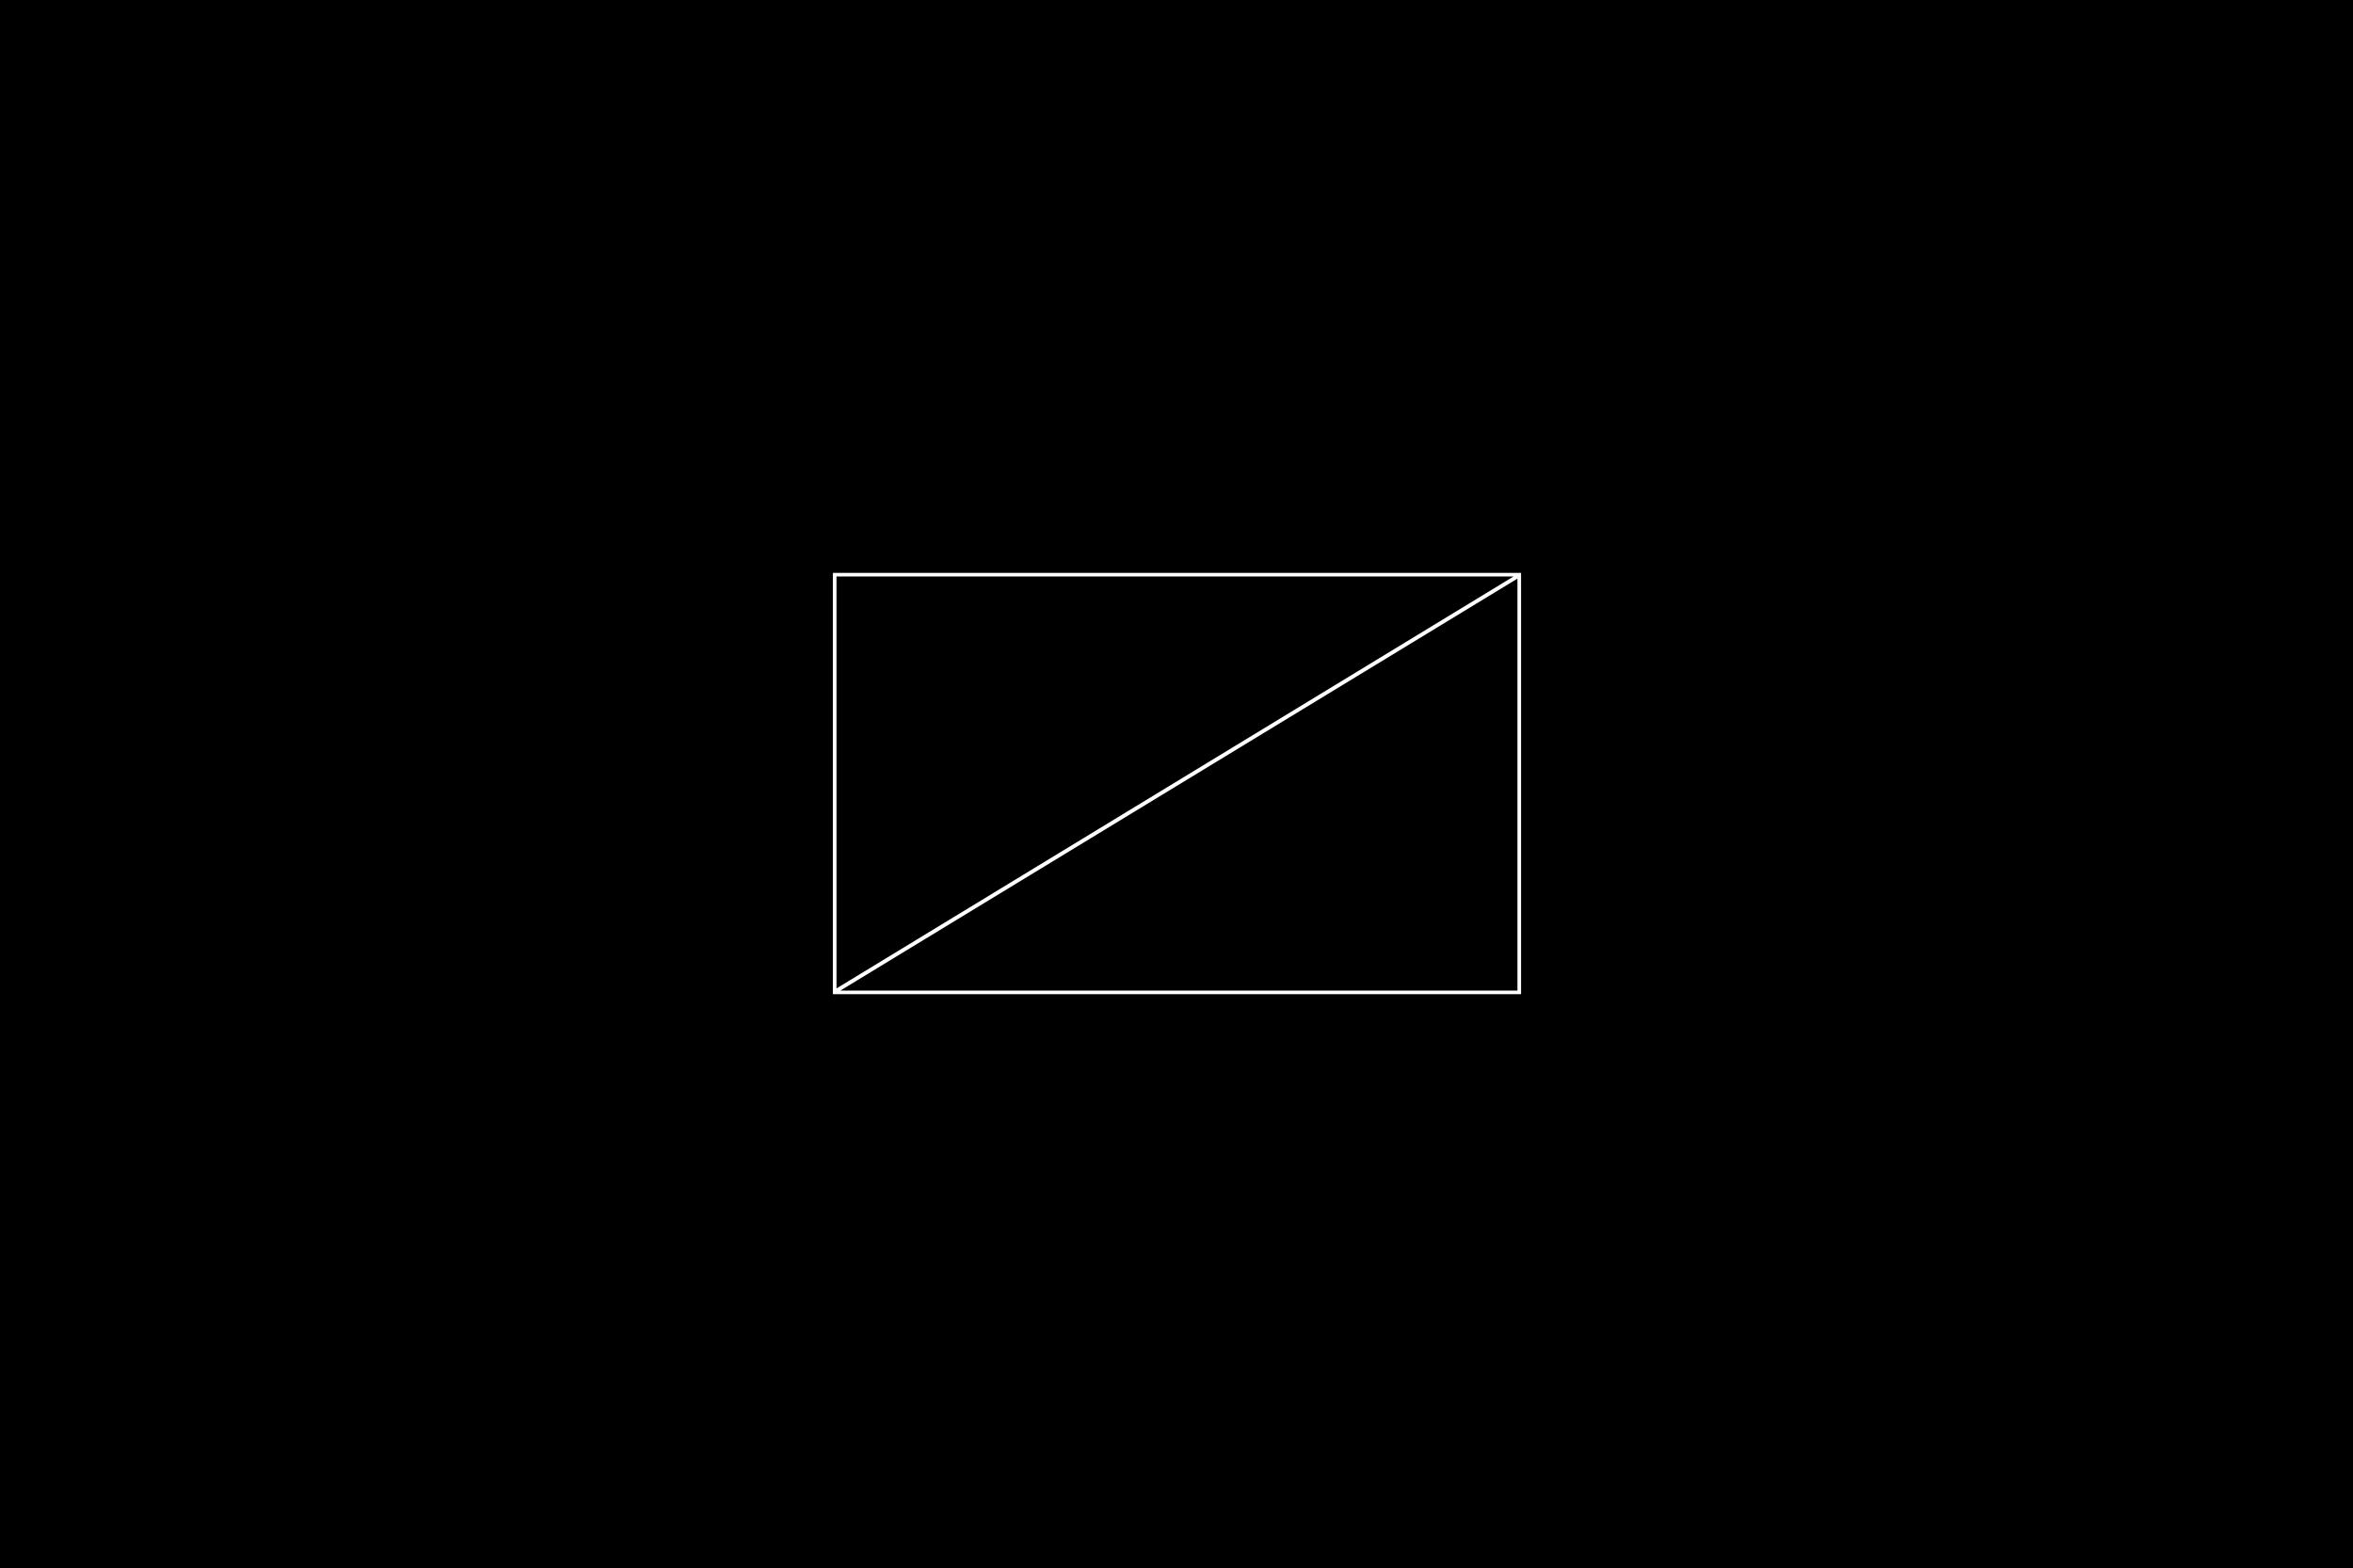 doms_symbol.jpg